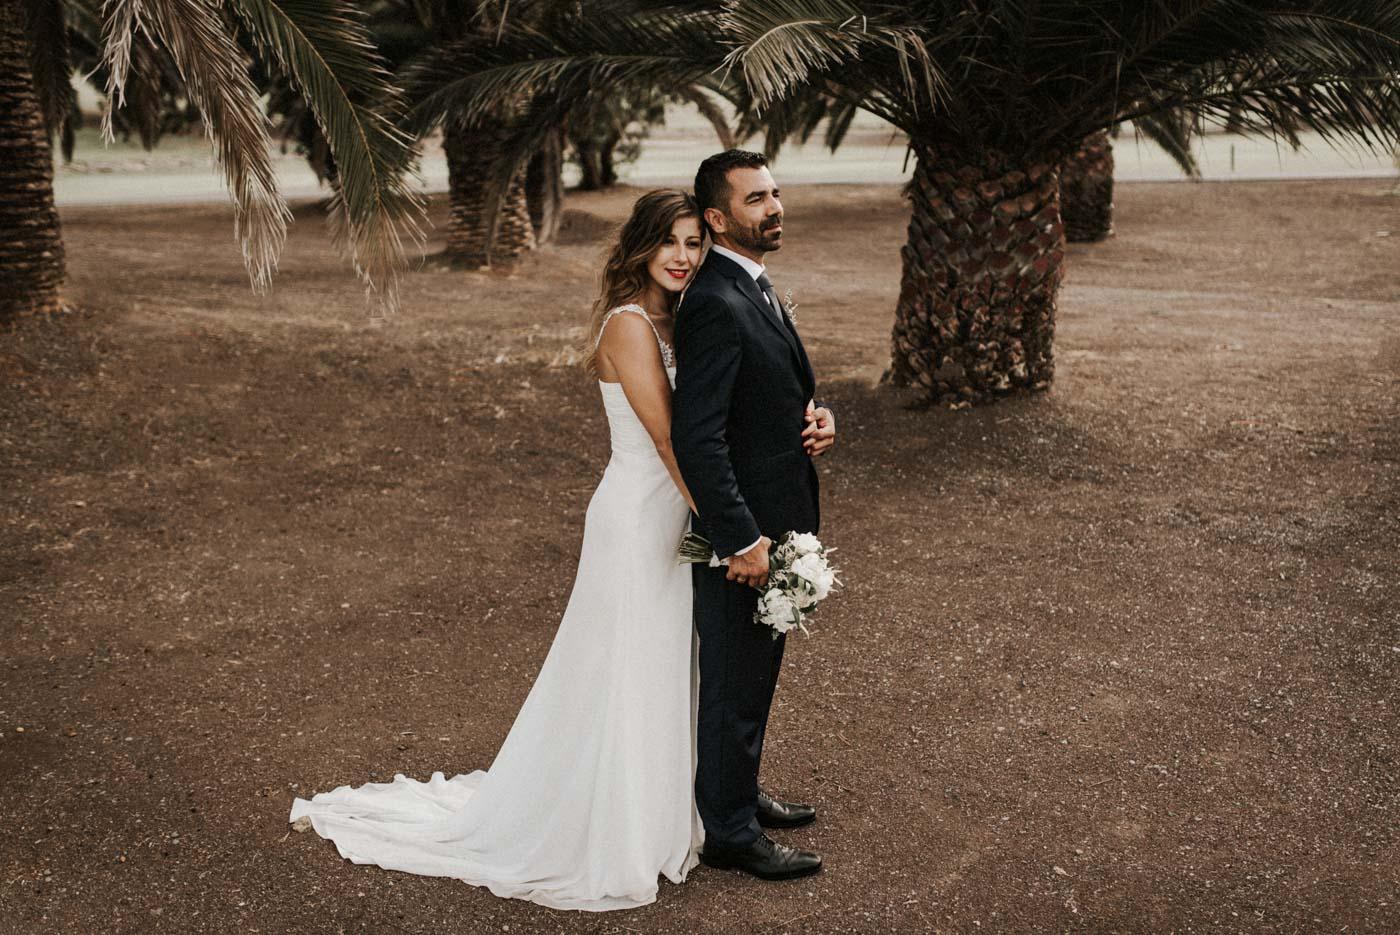 Fot grafo de bodas las palmas gran canaria islas canarias - Fotografo las palmas ...